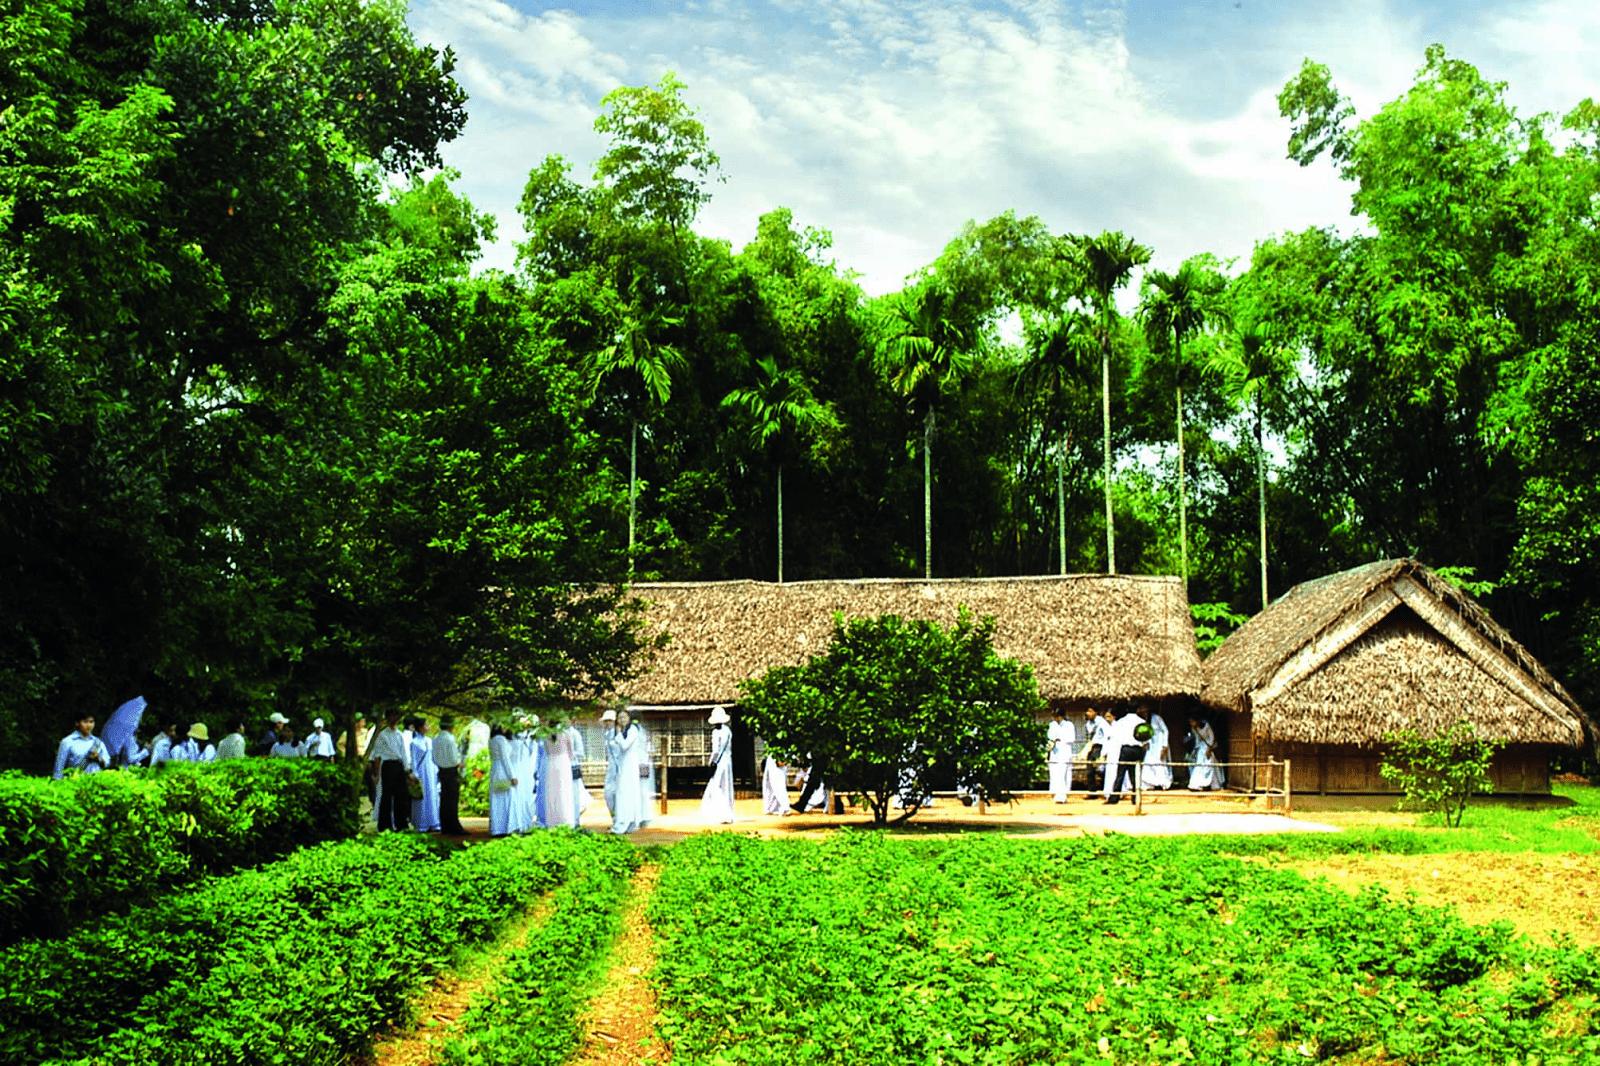 Đoàn người ghé thăm ngôi nhà tại Làng sen quê Bác